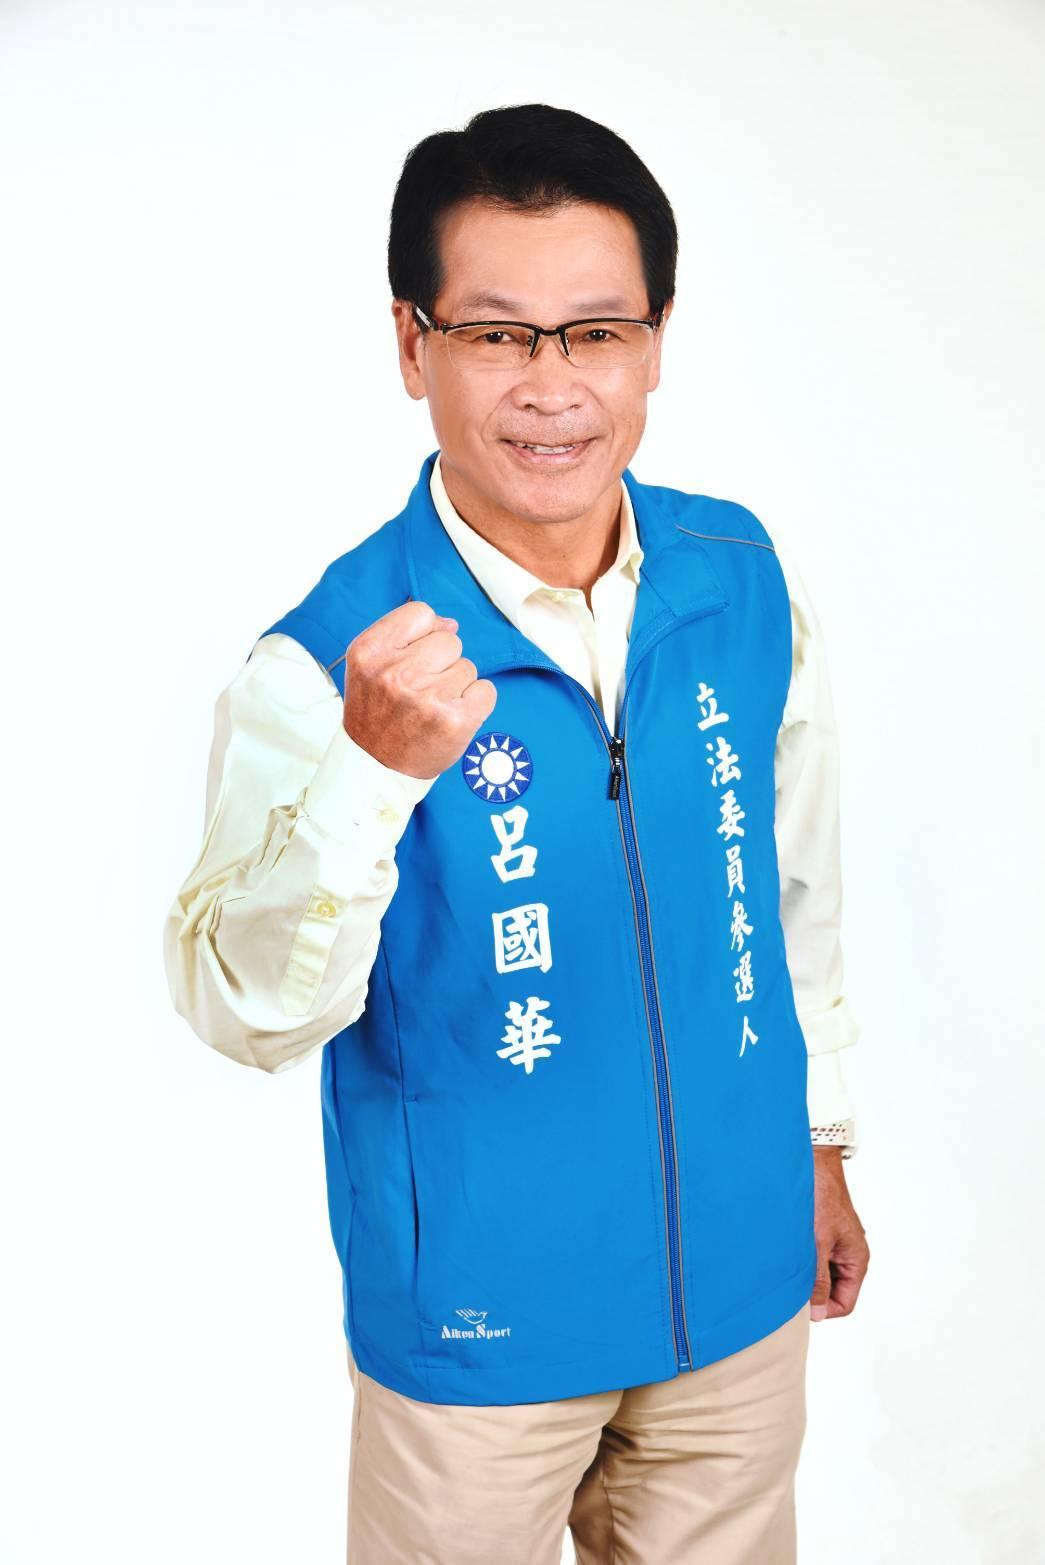 宜蘭縣立委候選人 - 中國國民黨全球資訊網